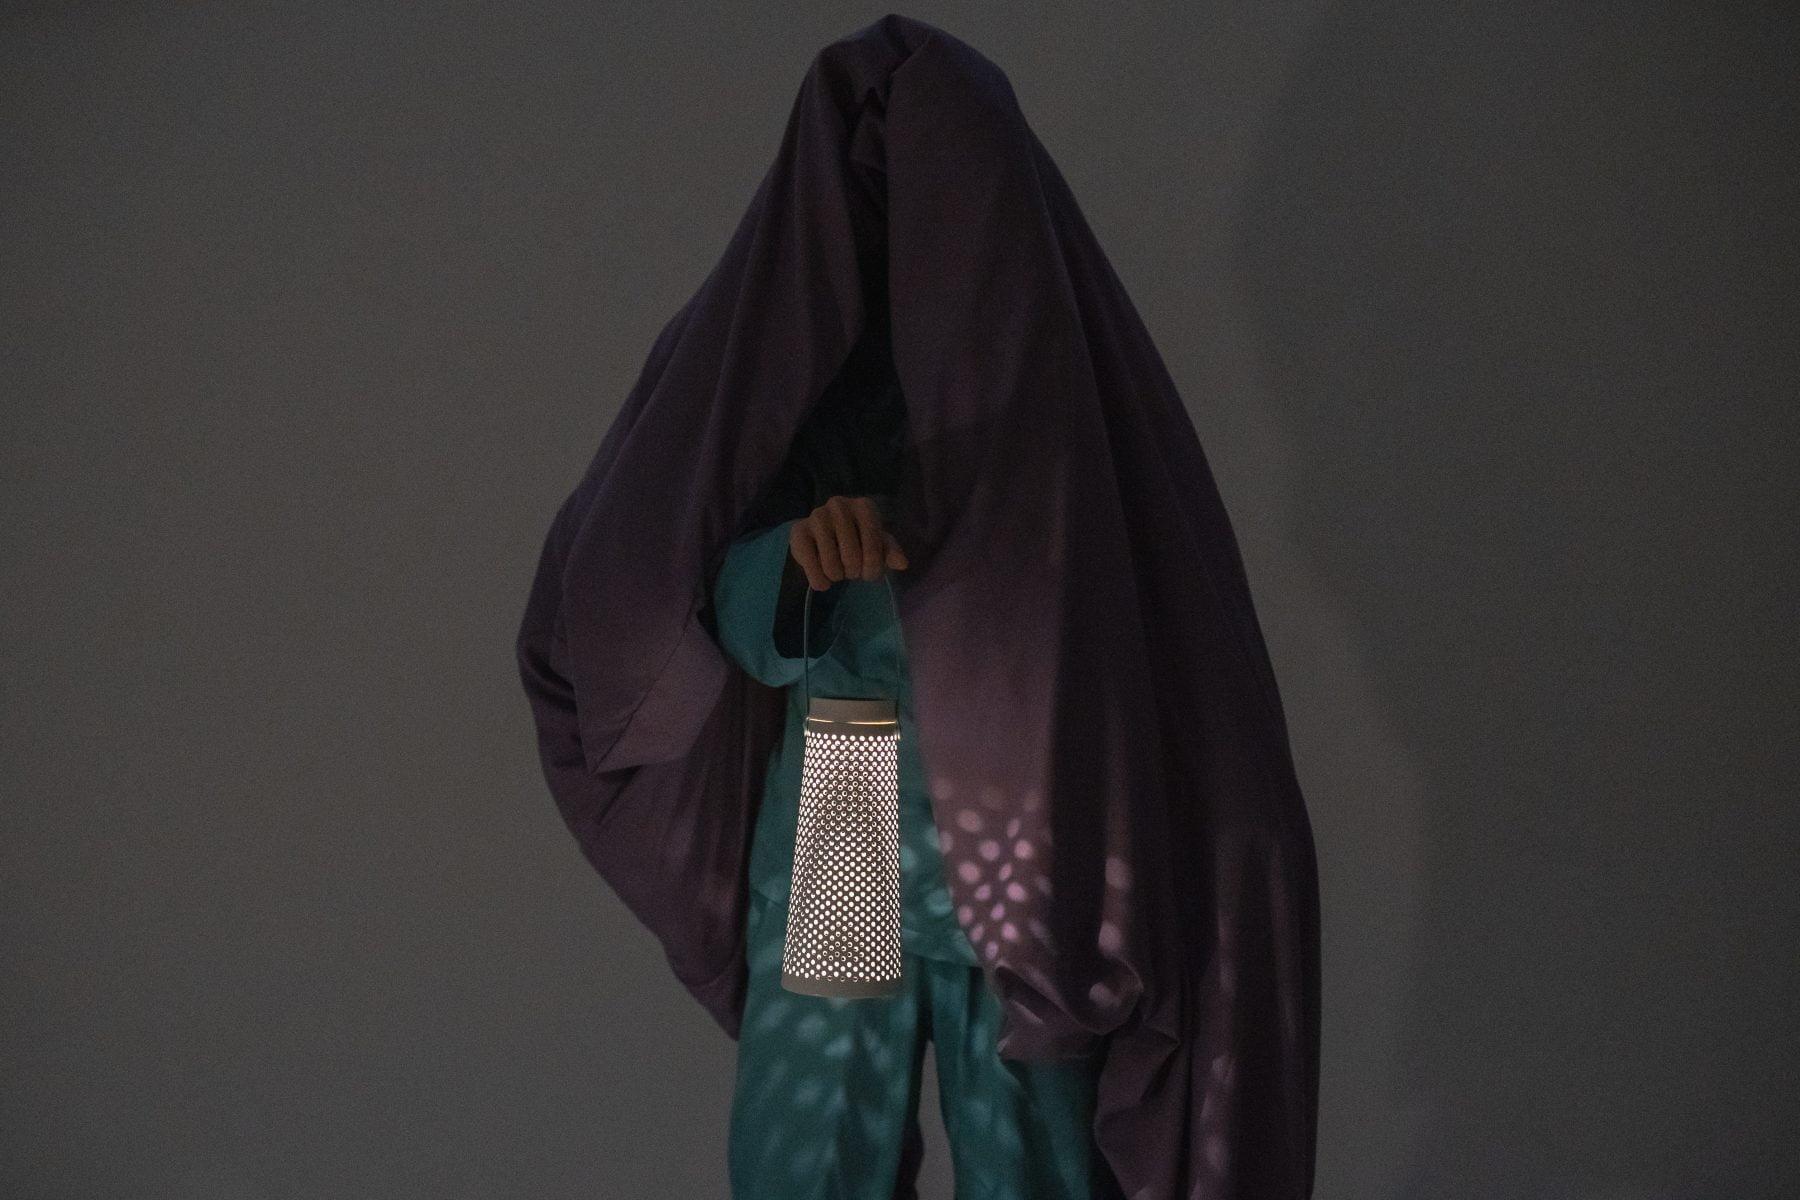 Person mit einem Laken, das den Kopf bedeckt und eine Laterne hält.